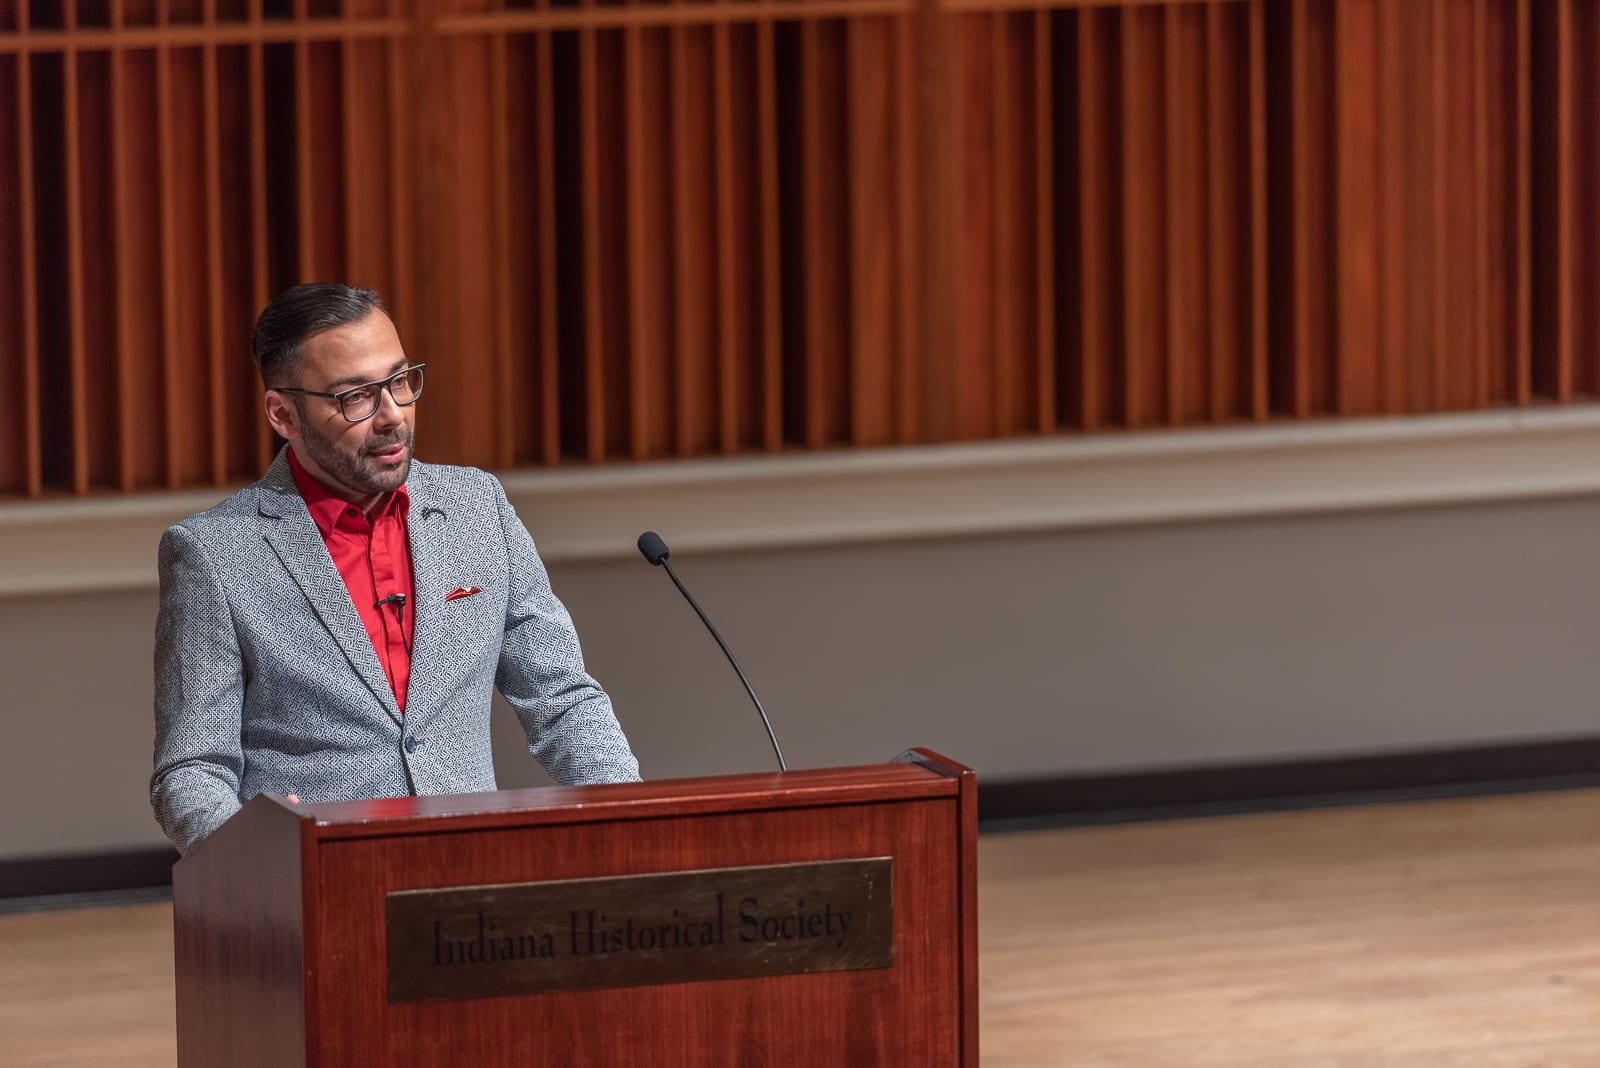 Edgar Villanueva discusses decolonizing wealth.